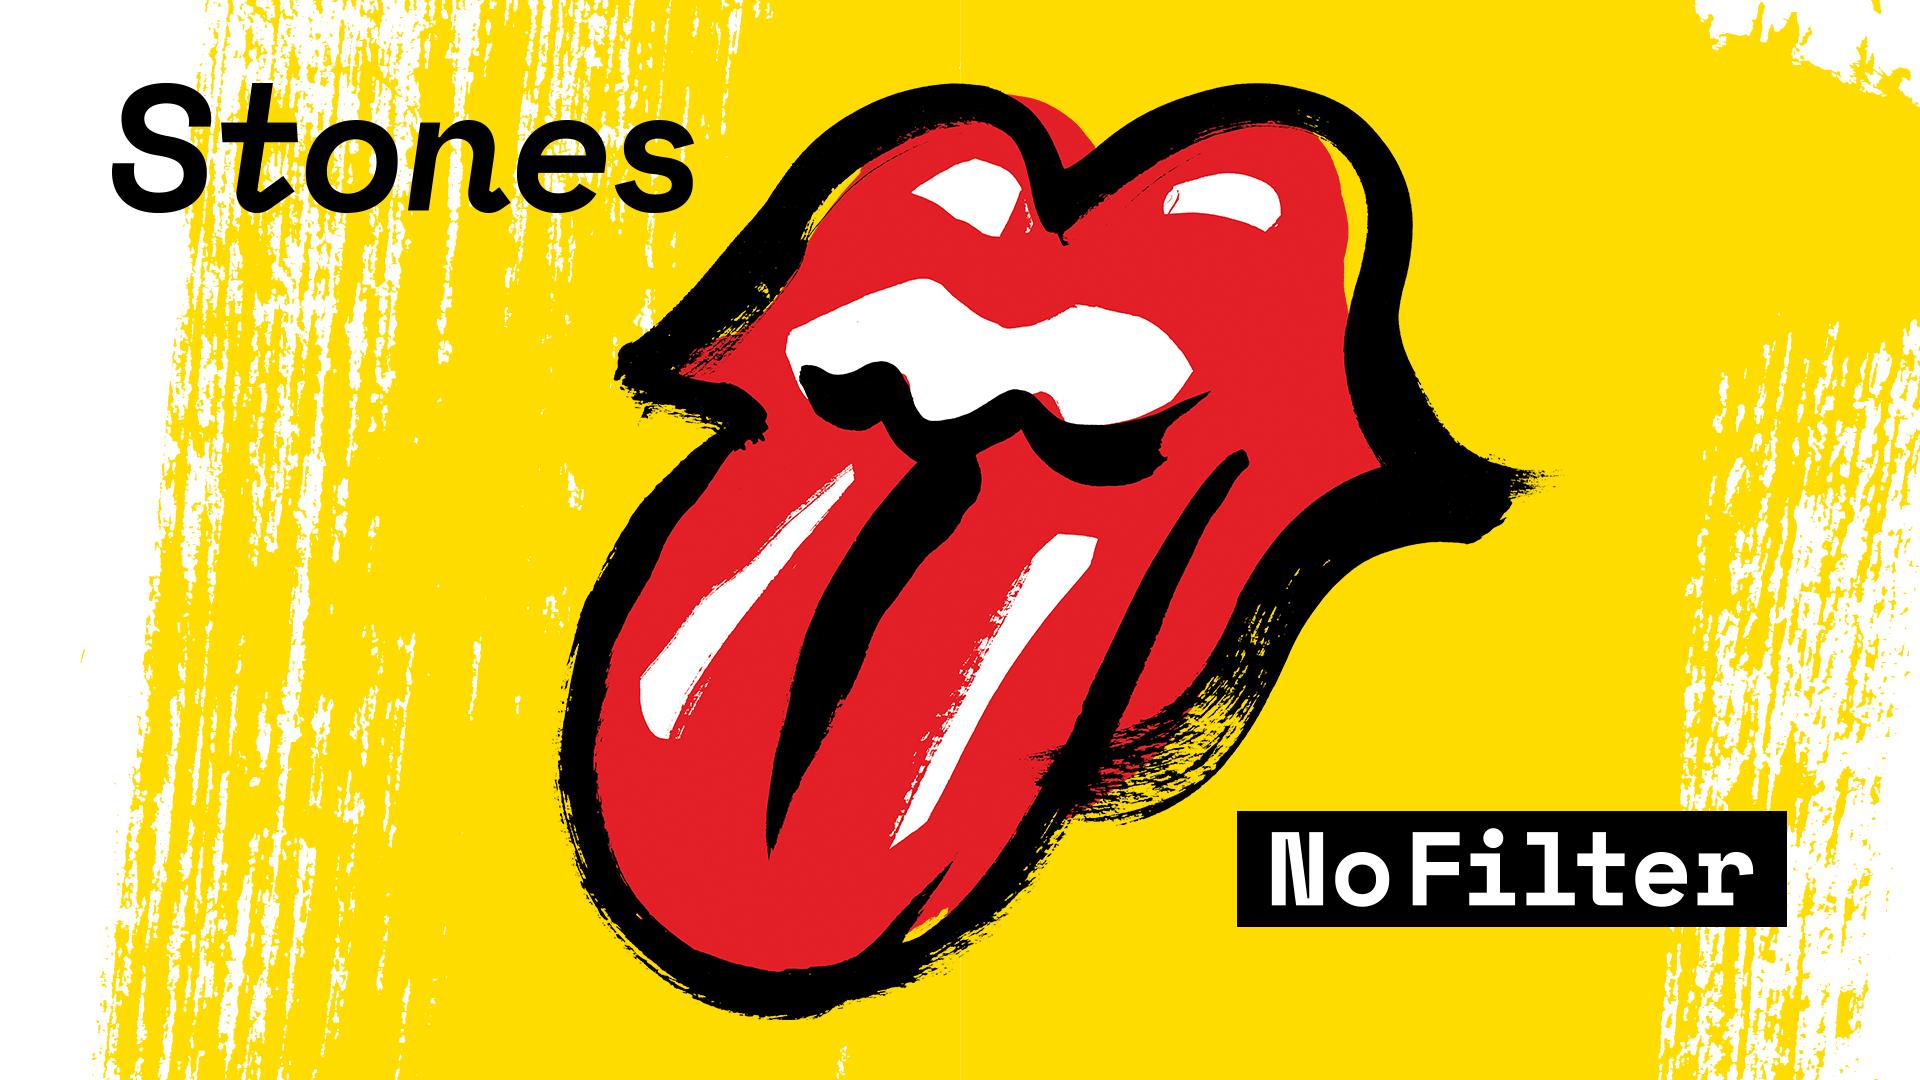 stones2017-1920x1080.jpg